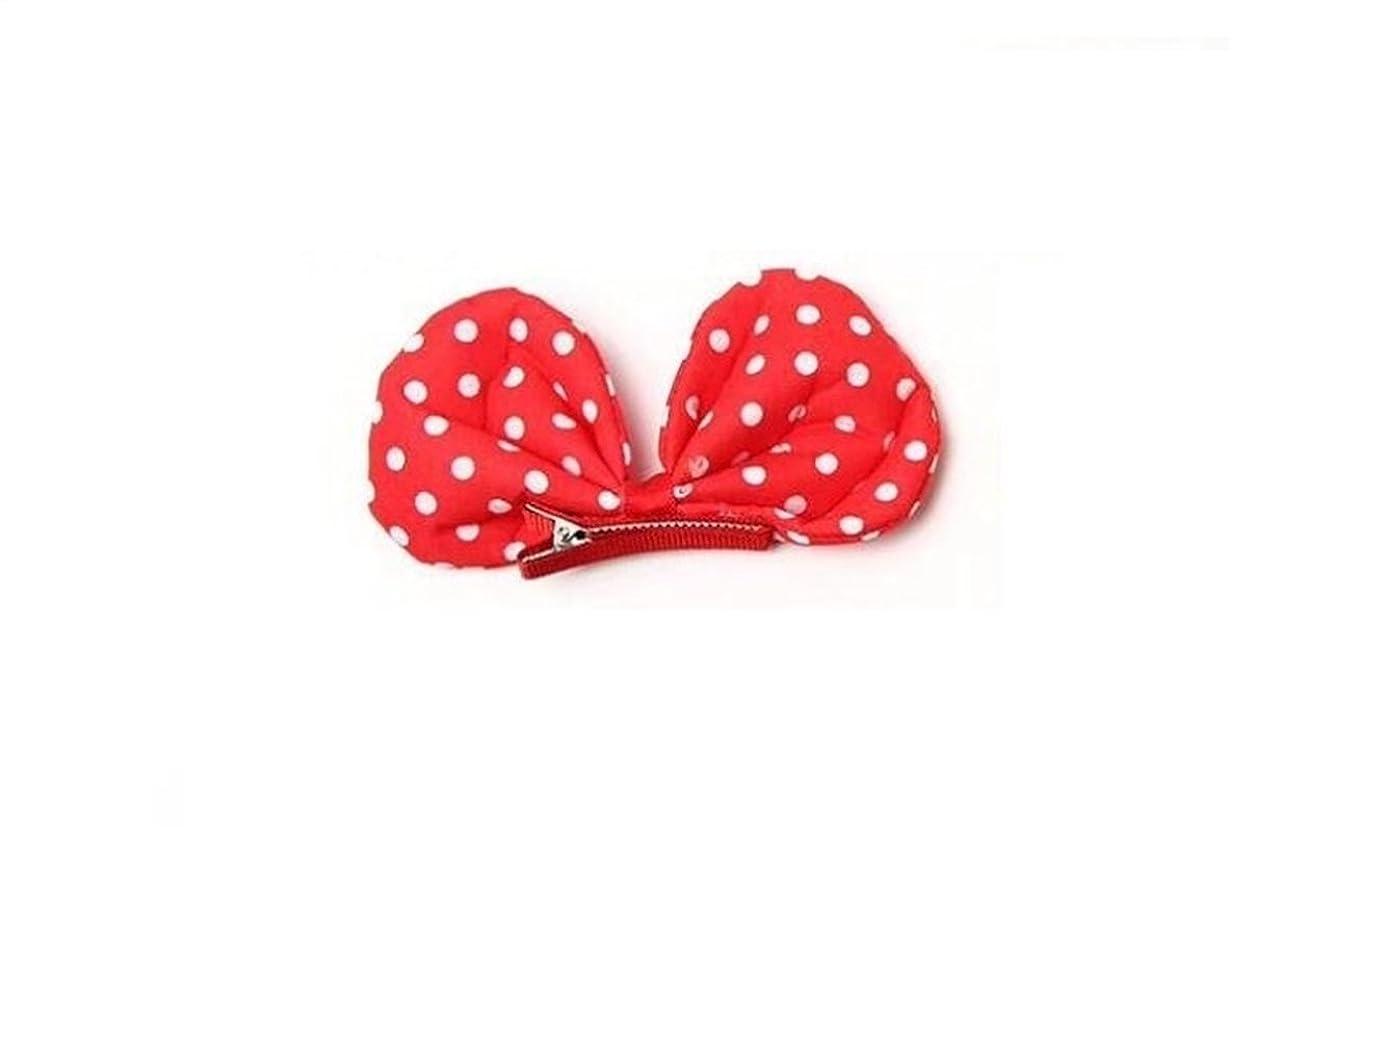 小さな収穫手術Osize 美しいスタイル 子供のかわいい弓の結び目の布ダックビルのクリップ水玉クリップヘアピンアクセサリー(赤)